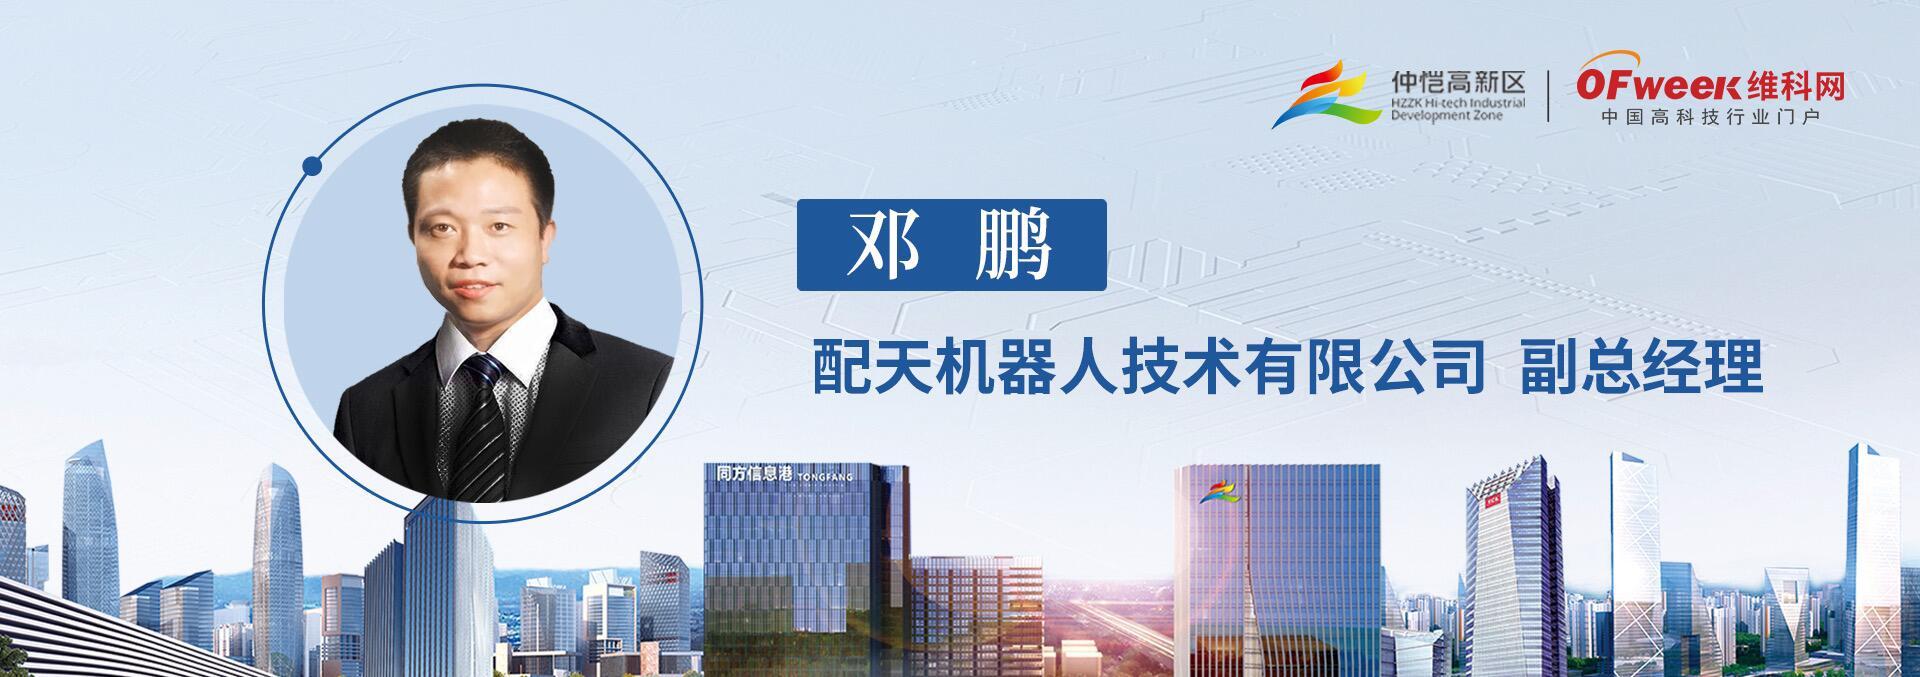 配天机器人邓鹏:协作机器人是未来发展的趋势